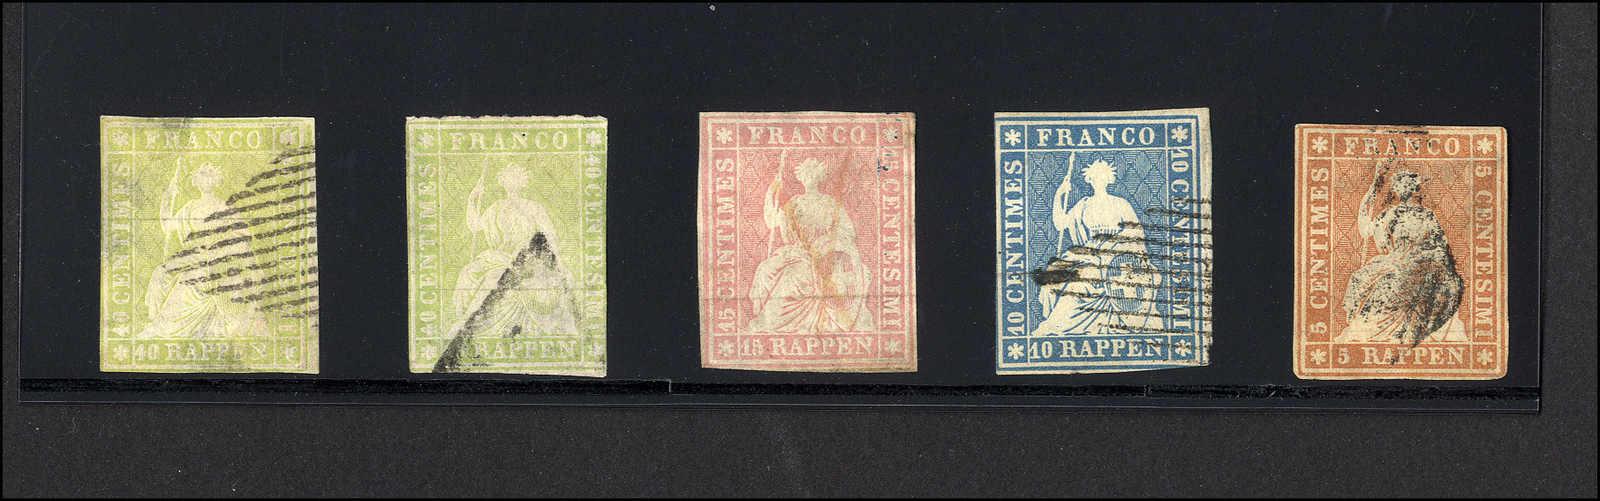 Lot 42 - sammlungen und posten sammlungen und posten altschweiz -  Rolli Auctions Auction #68 Day 1